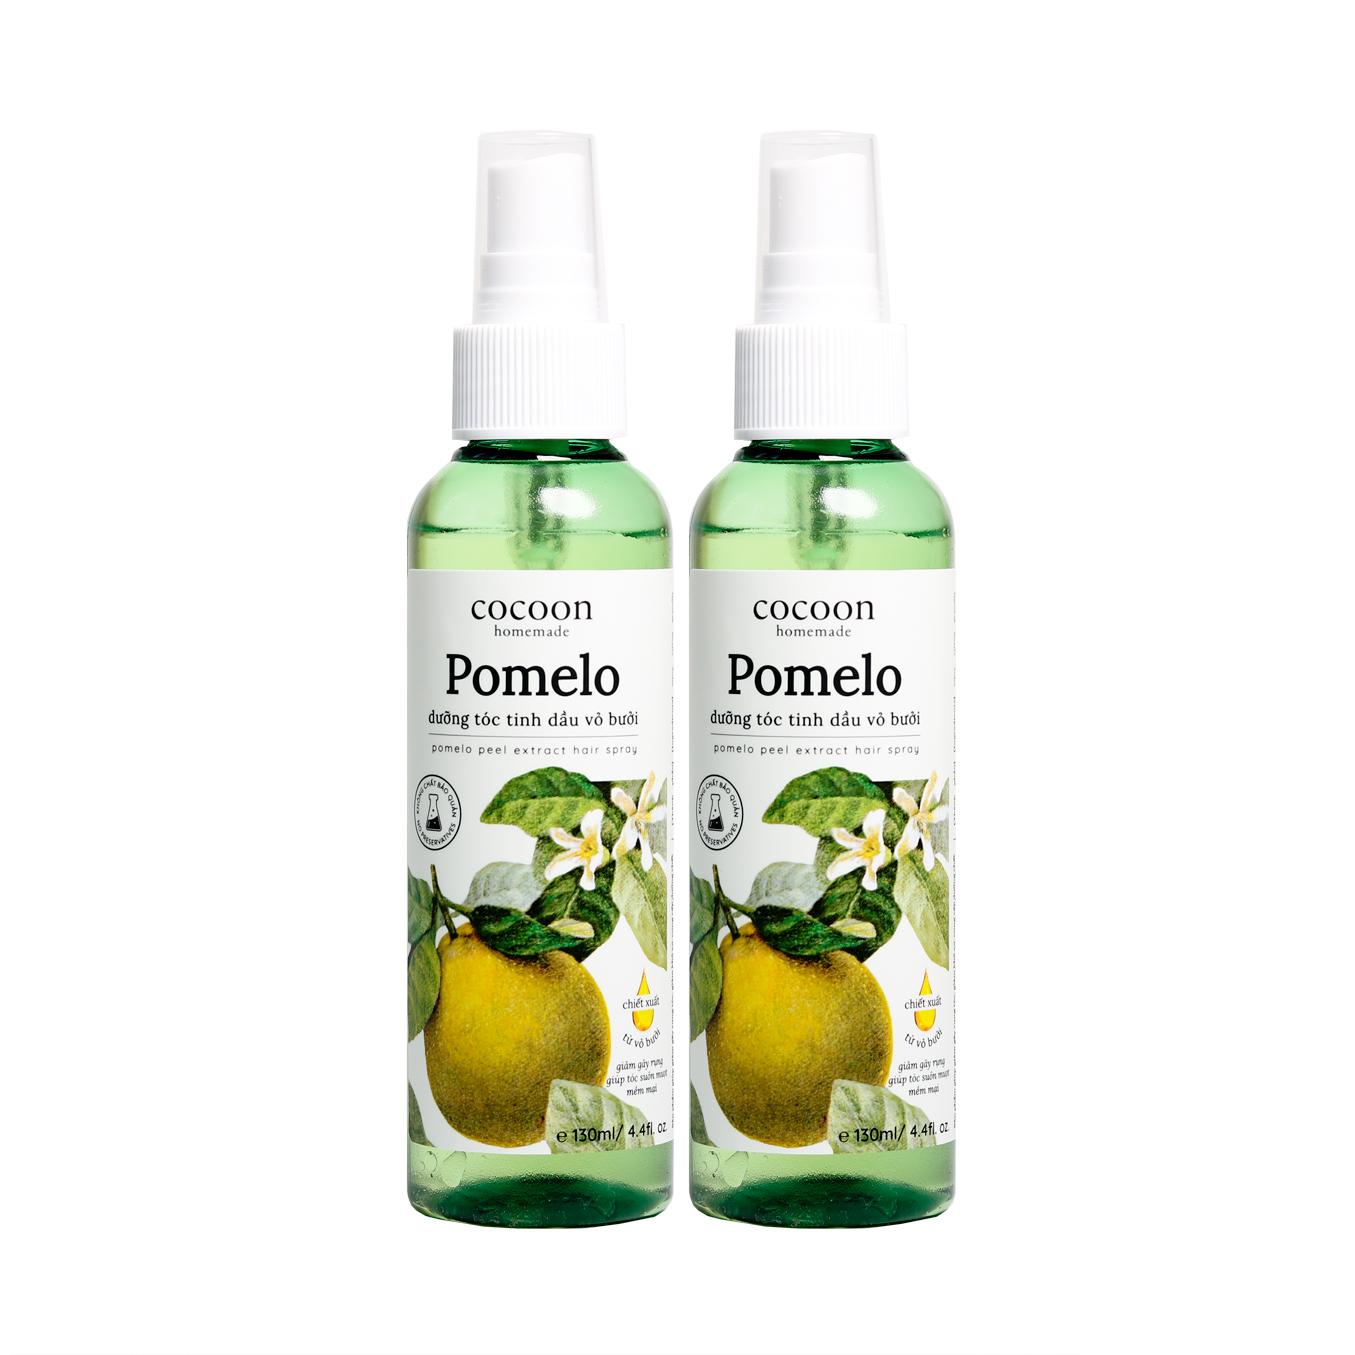 Combo 2 Pomelo xịt dưỡng tóc tinh dầu vỏ bưởi cocoon (130ml/chai) - 930564 , 1353049975044 , 62_10580105 , 230000 , Combo-2-Pomelo-xit-duong-toc-tinh-dau-vo-buoi-cocoon-130ml-chai-62_10580105 , tiki.vn , Combo 2 Pomelo xịt dưỡng tóc tinh dầu vỏ bưởi cocoon (130ml/chai)